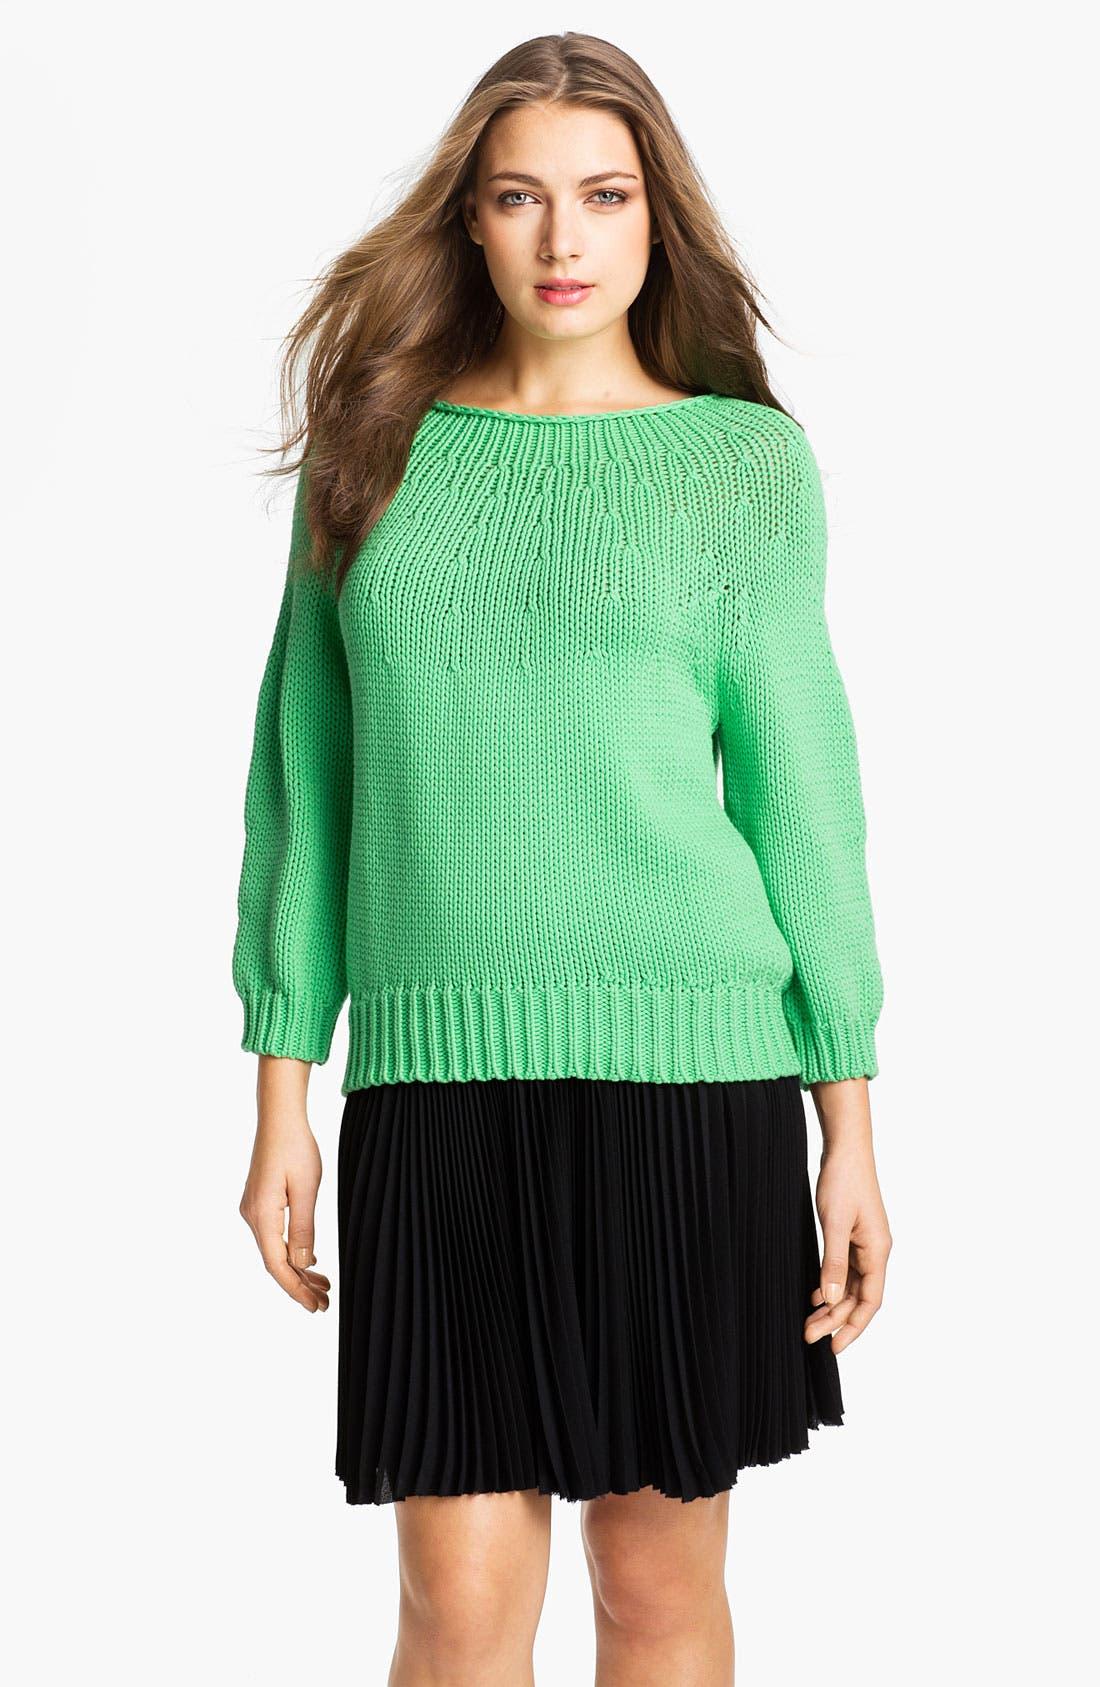 Main Image - Diane von Furstenberg 'Averill' Sweater